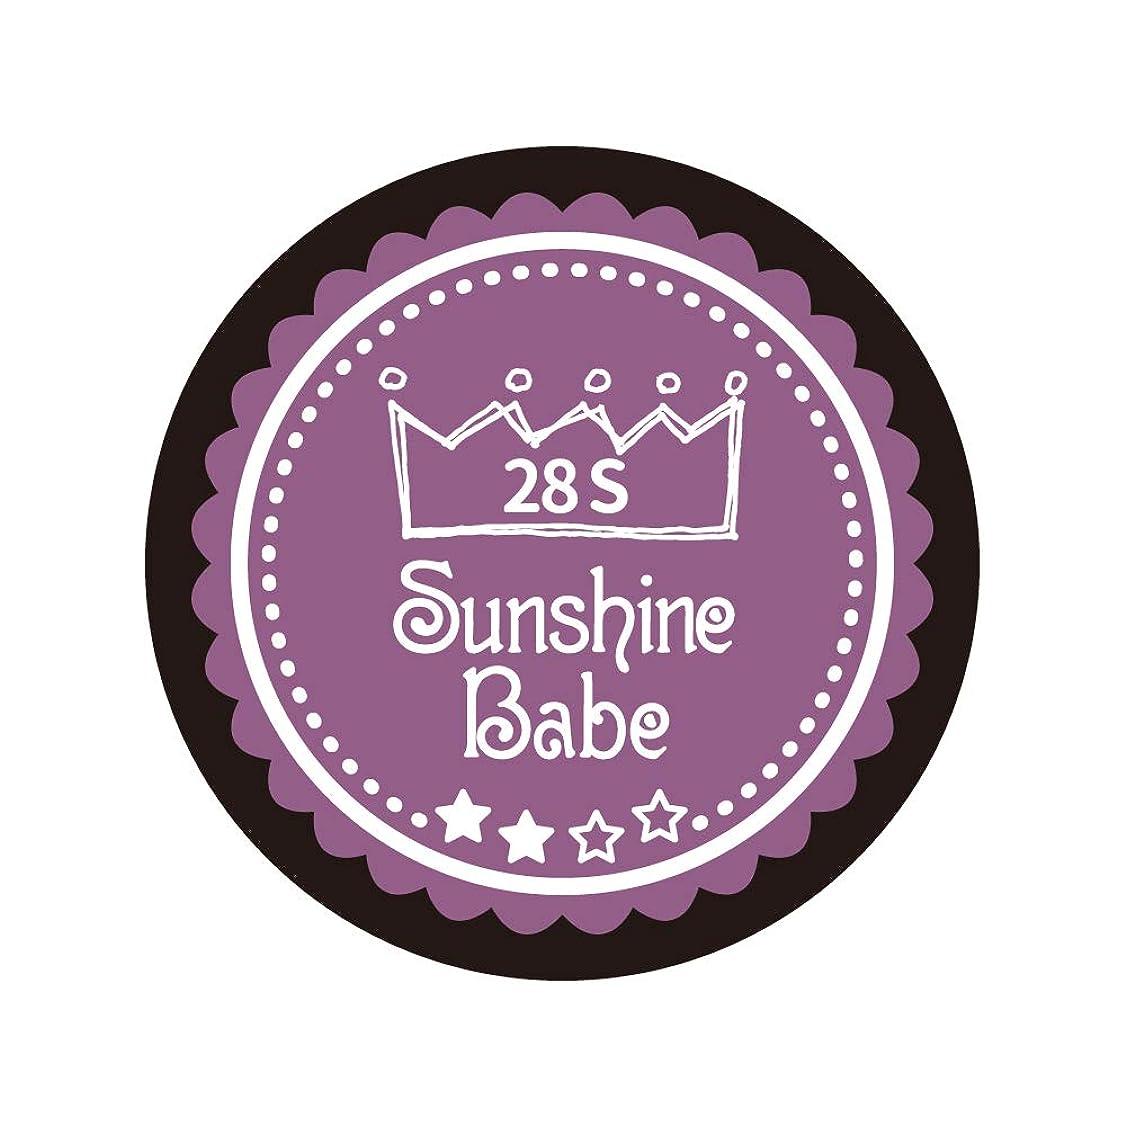 水曜日エジプト人いつもSunshine Babe コスメティックカラー 28S パンジーパープル 4g UV/LED対応